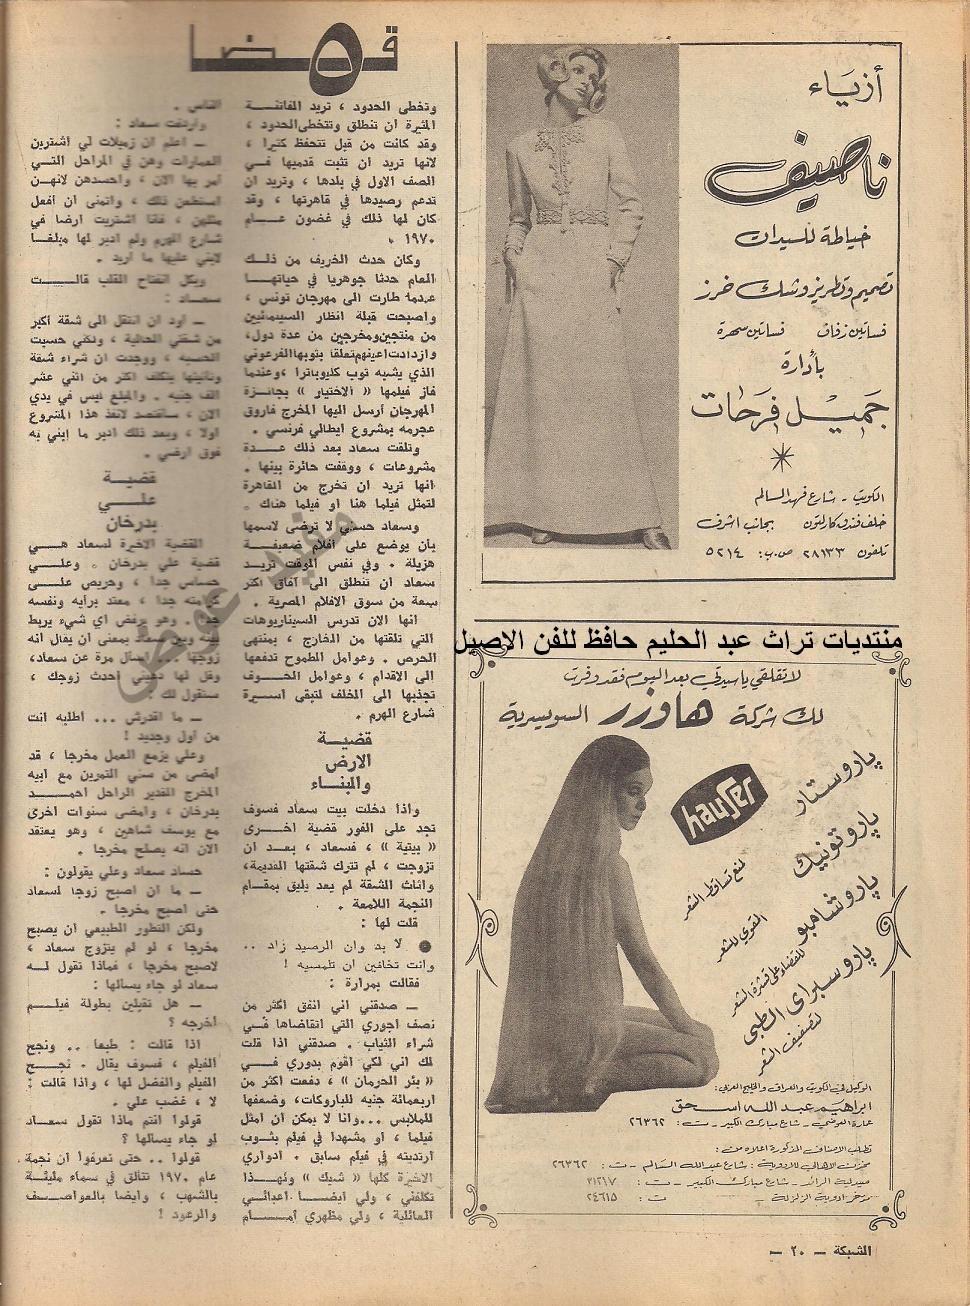 مقال - مقال صحفي : 5 قضايا في حياة سعاد حسني 1971 م 352